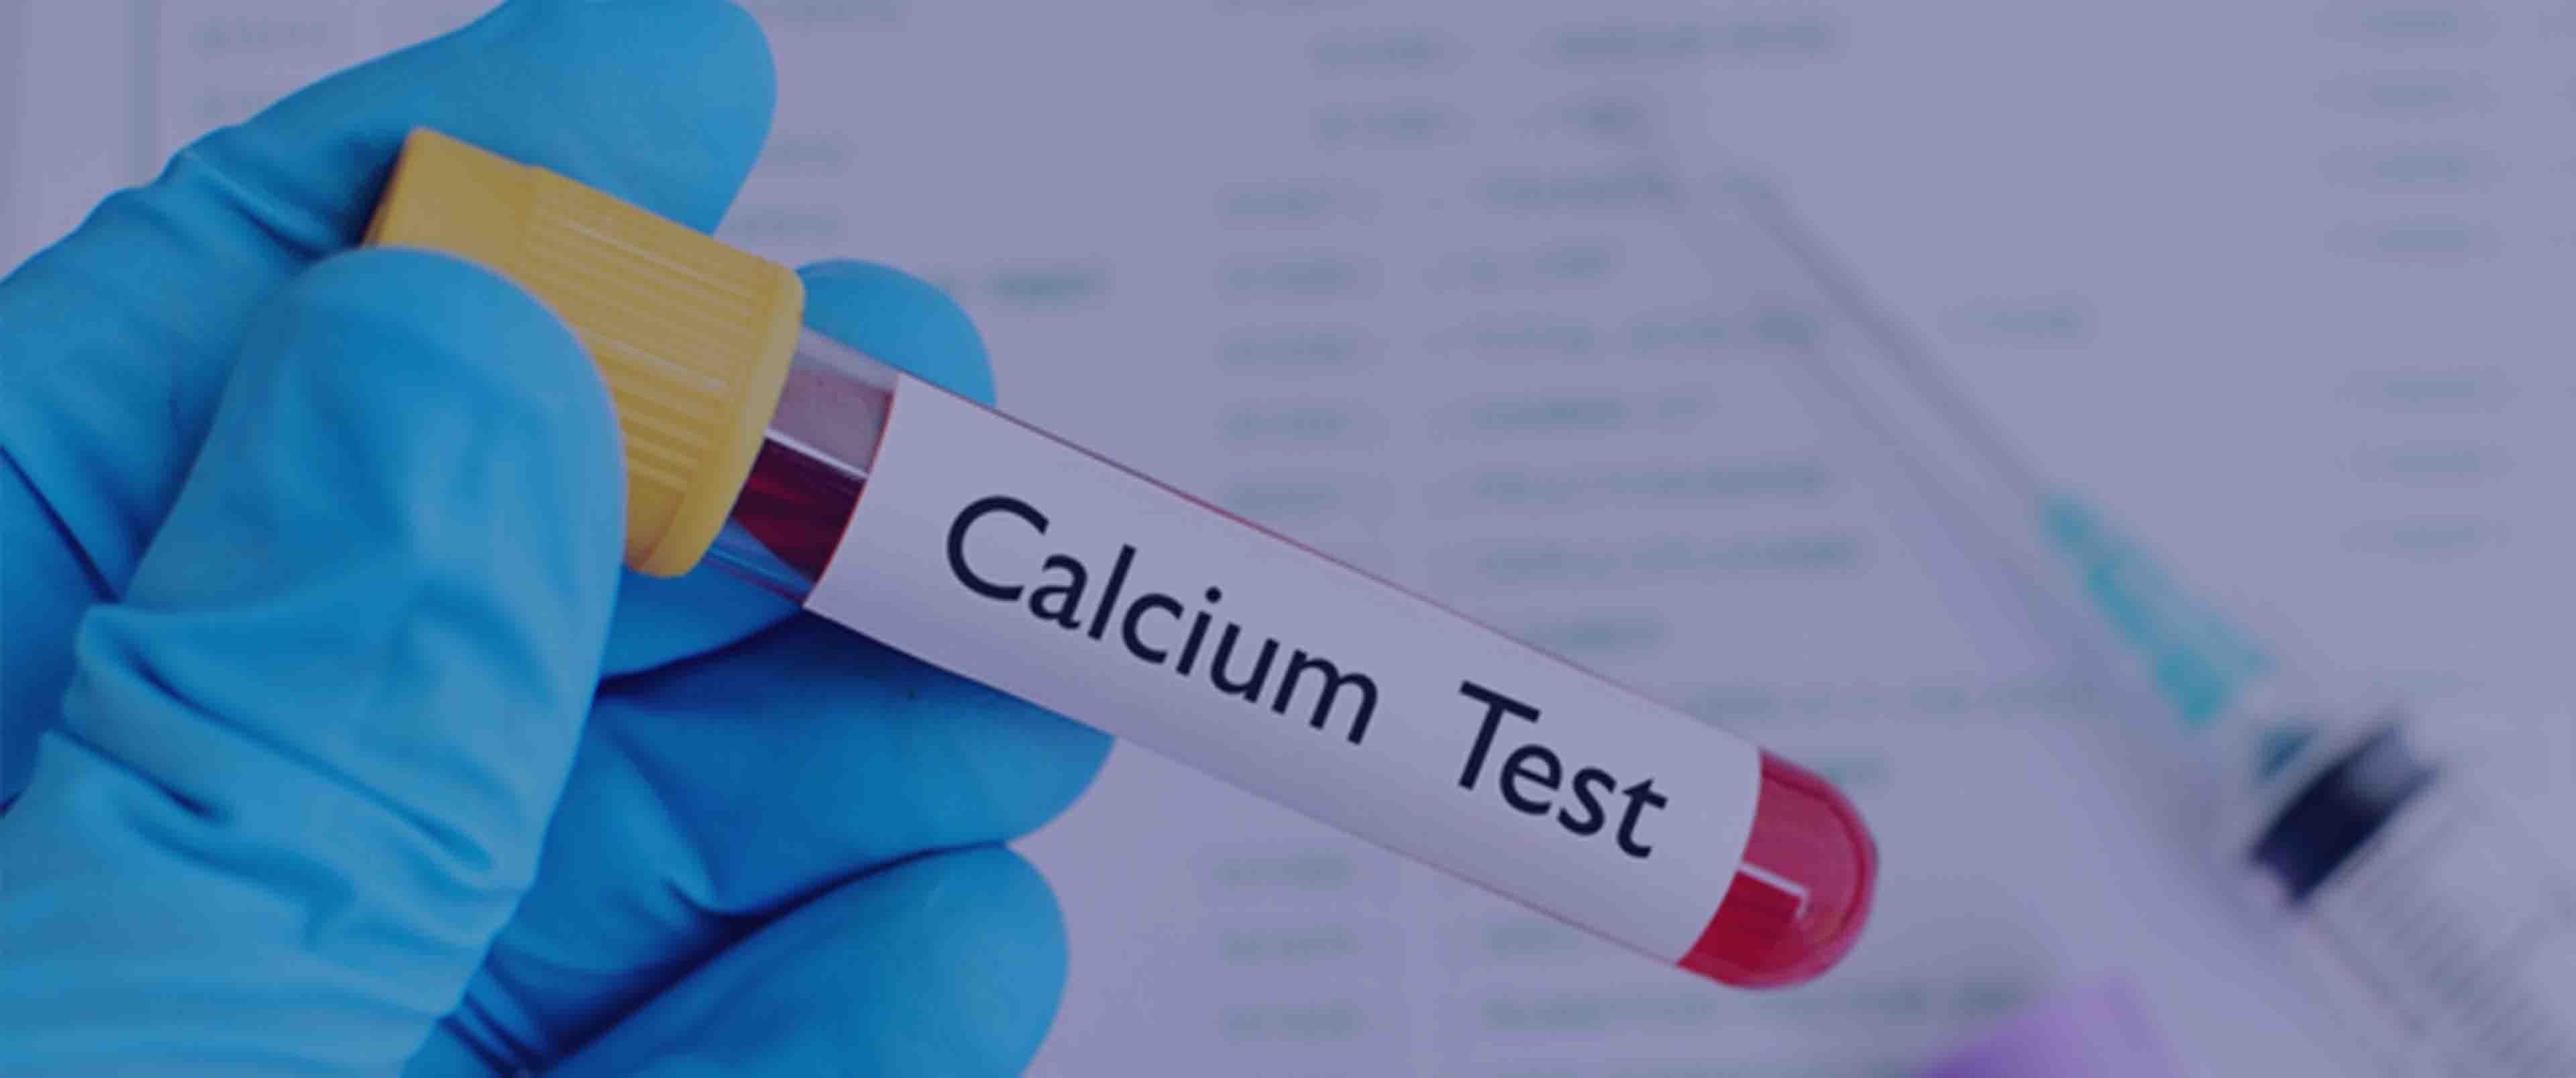 آزمایش Calcium